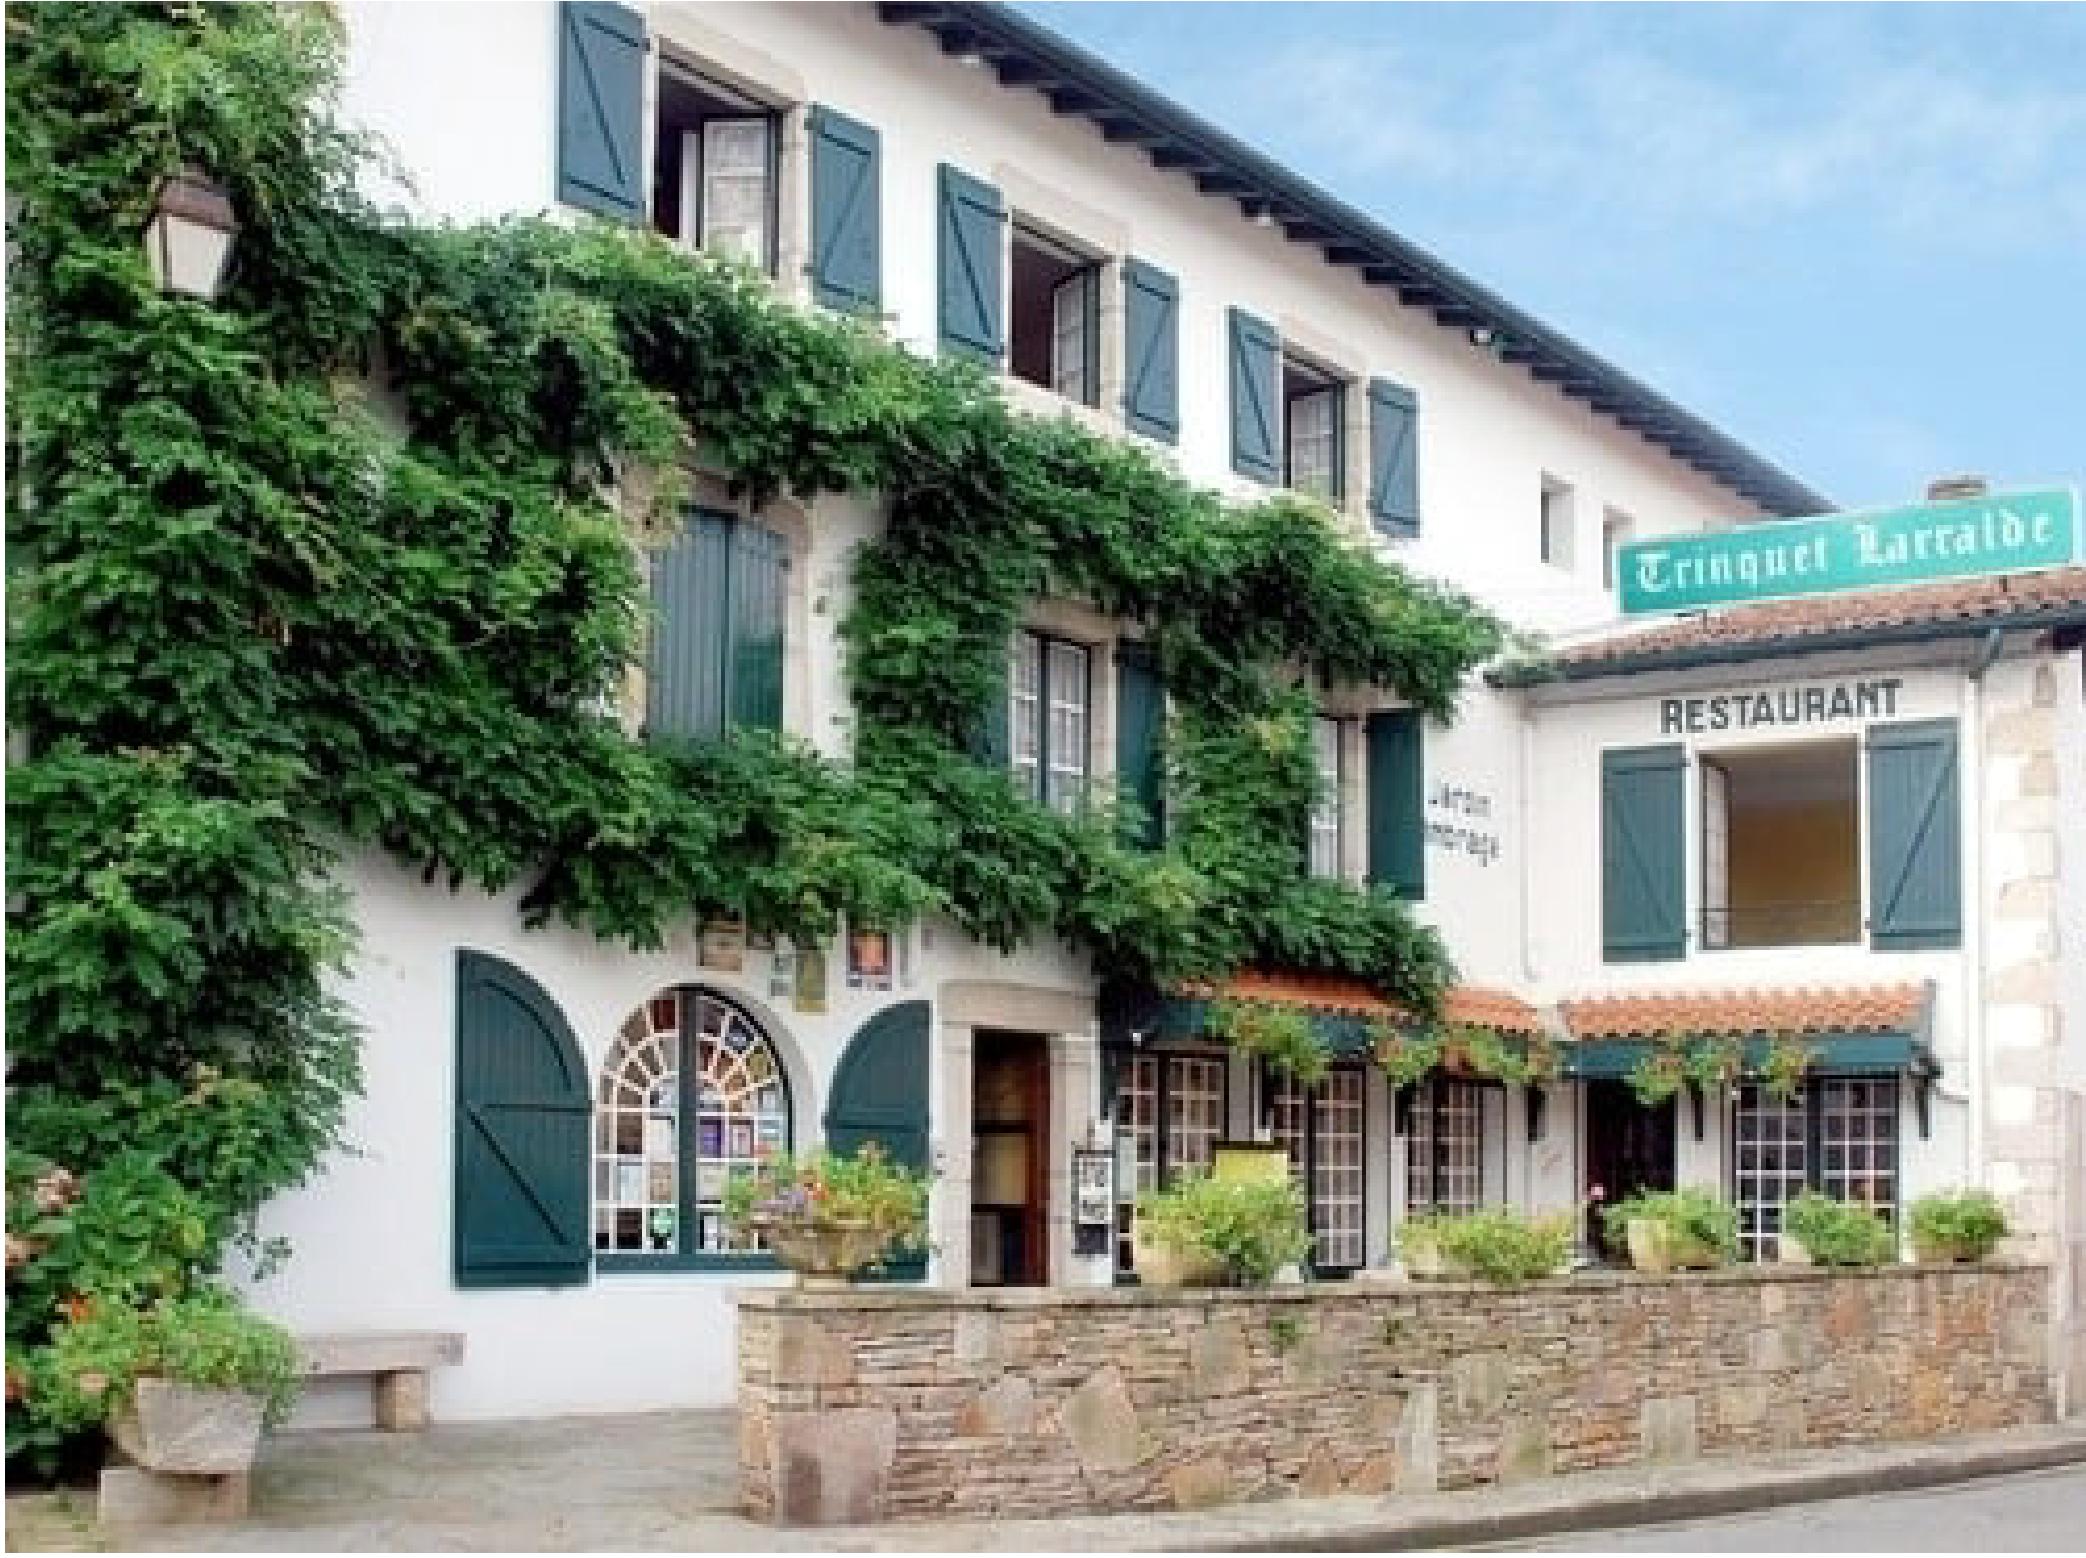 Restaurant De Poissons Ouvert Le  Dec